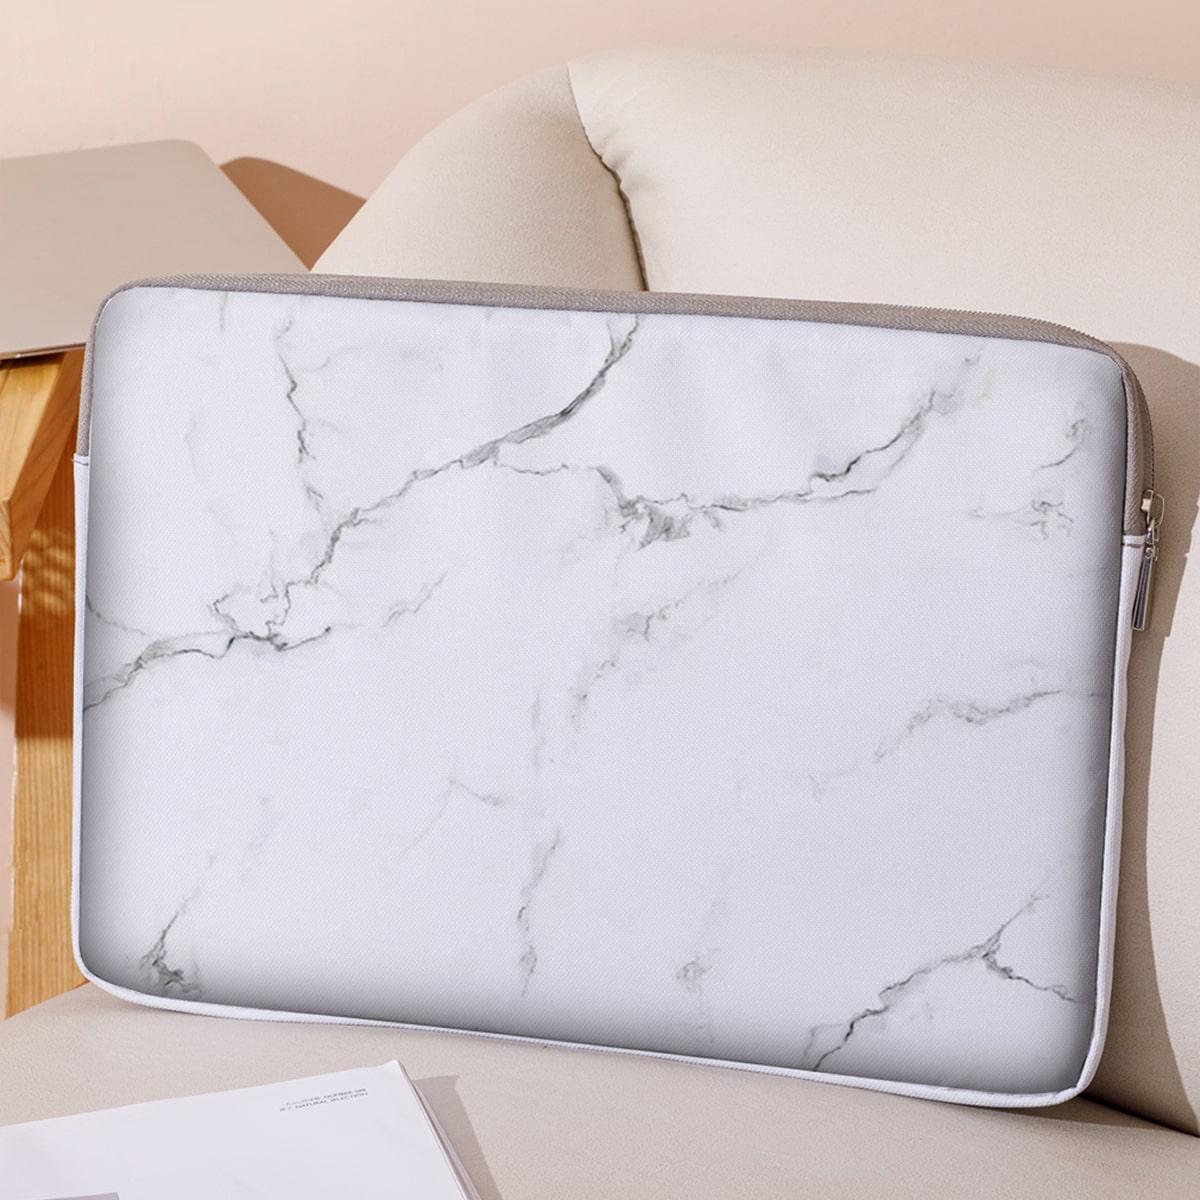 14 дюймов Сумка для ноутбука с мраморным узором